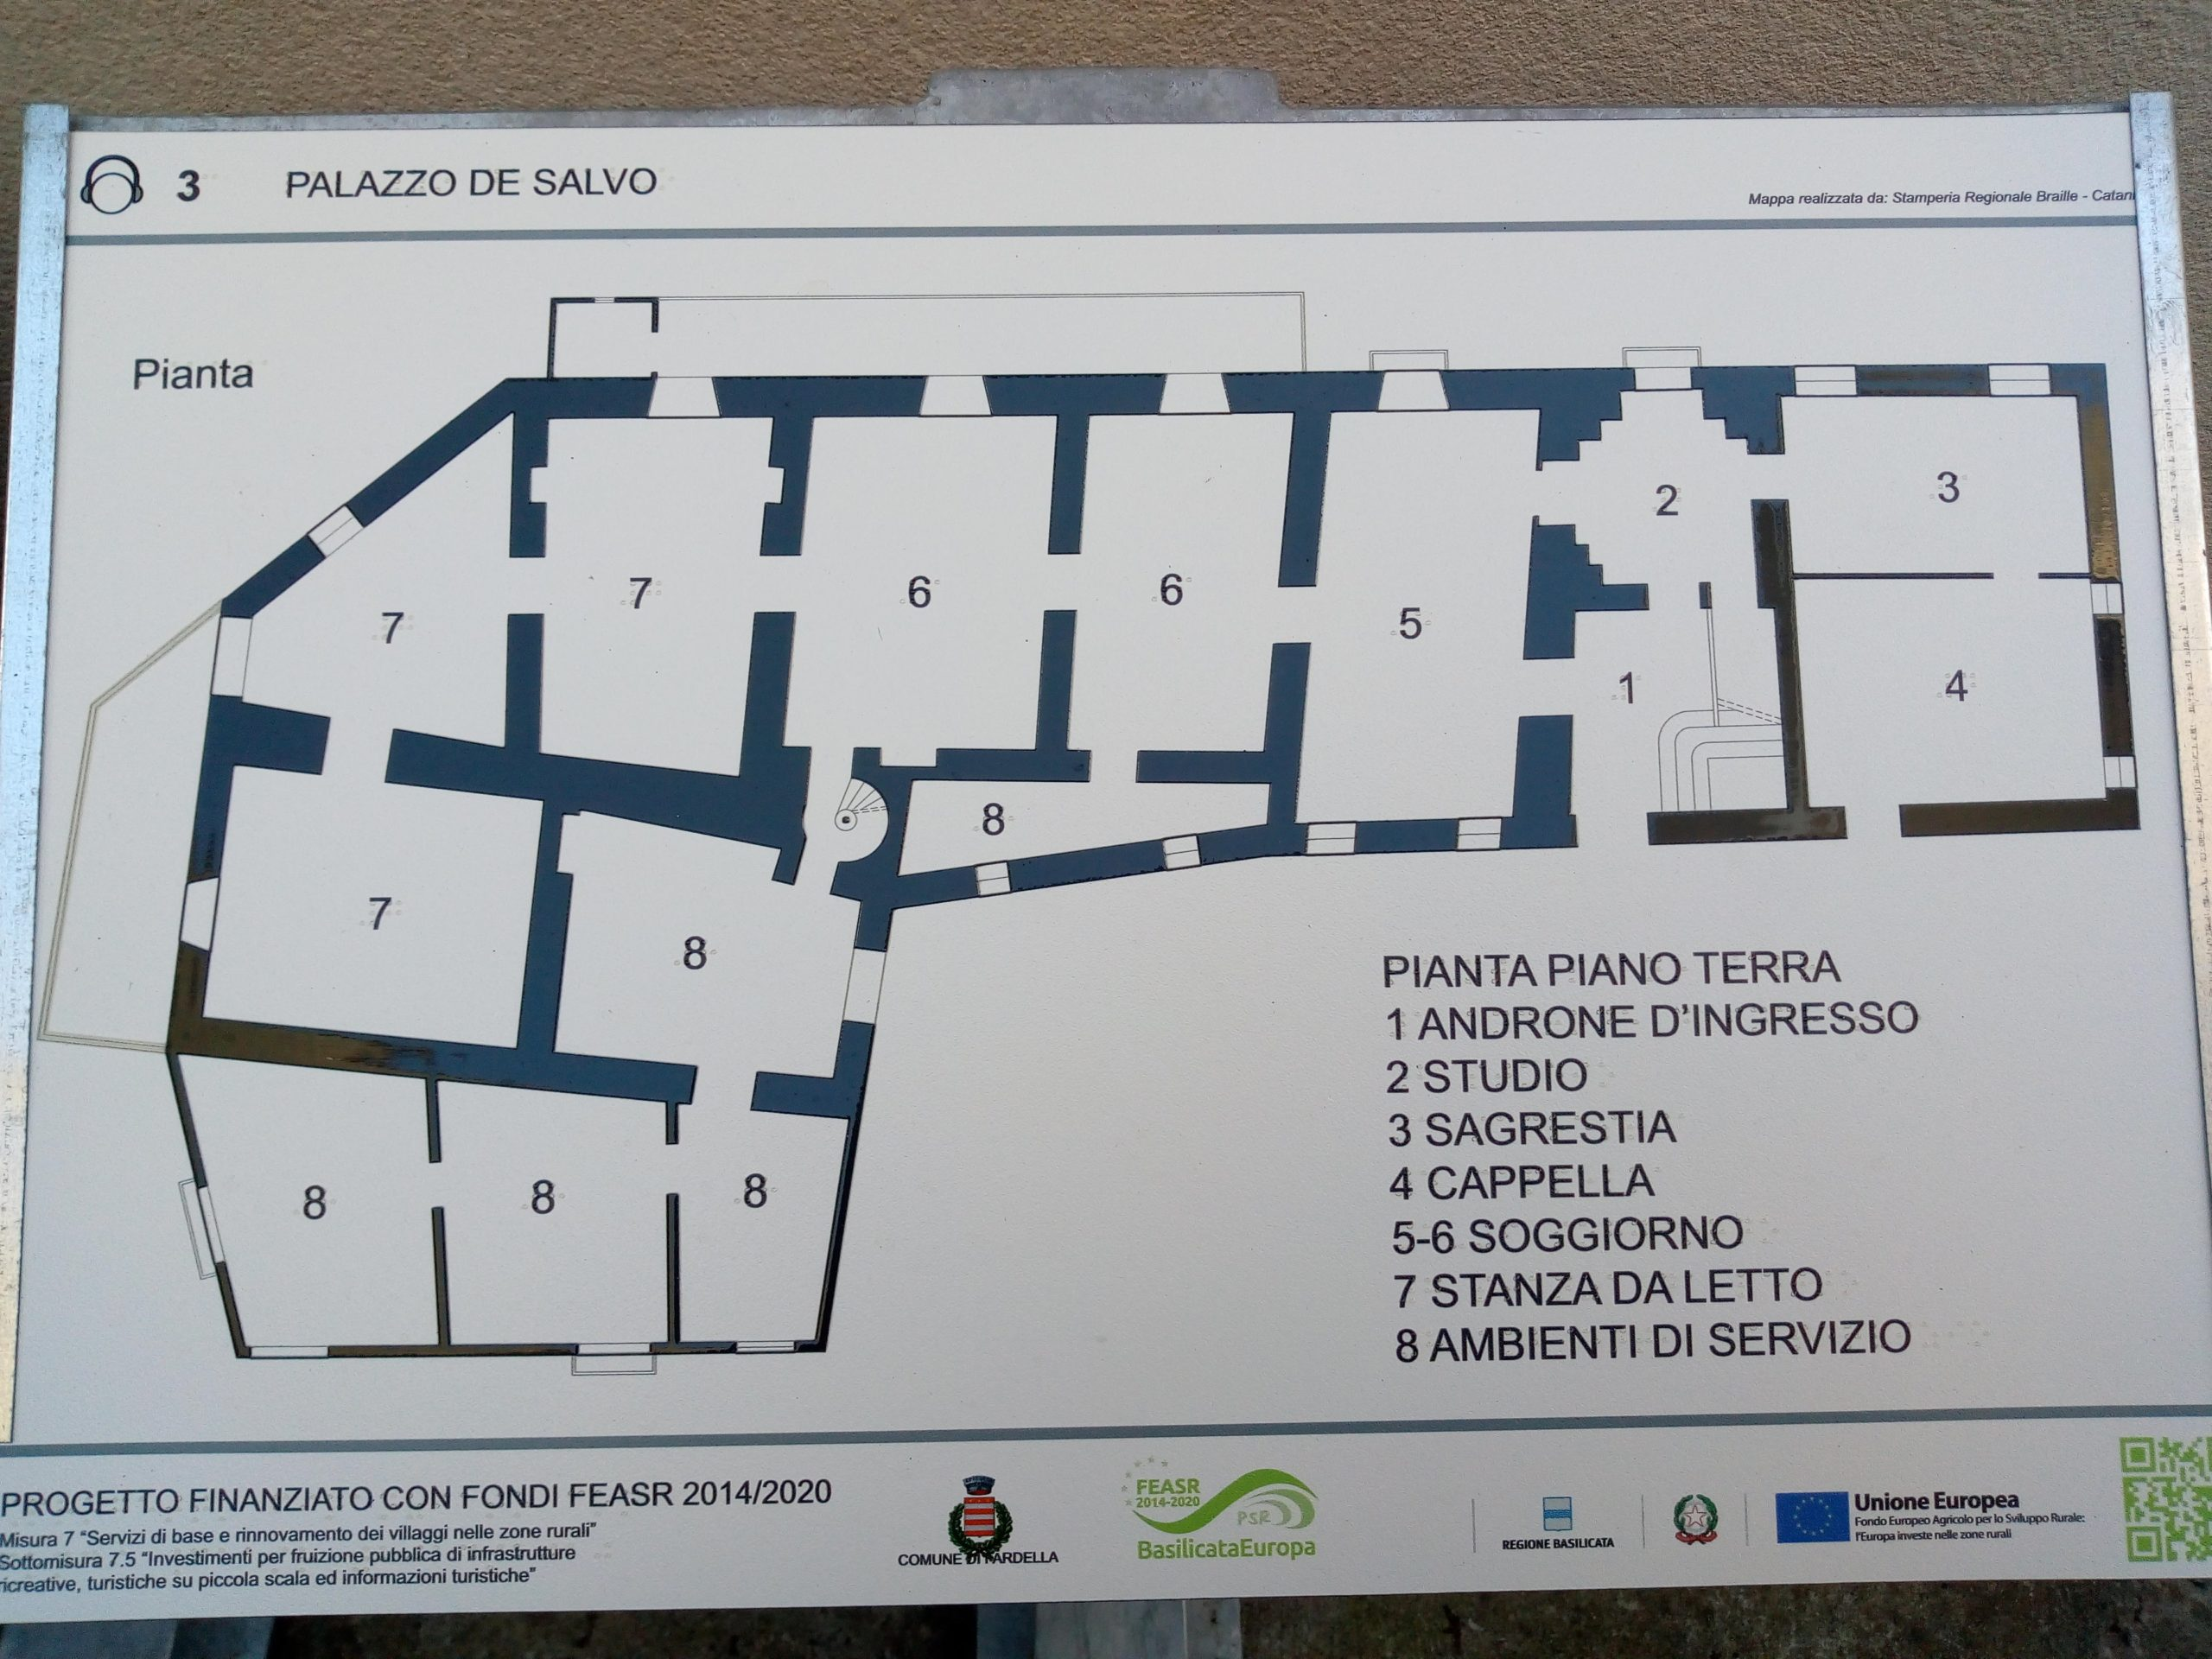 Pannello tattile Palazzo De Salvo Rilievo